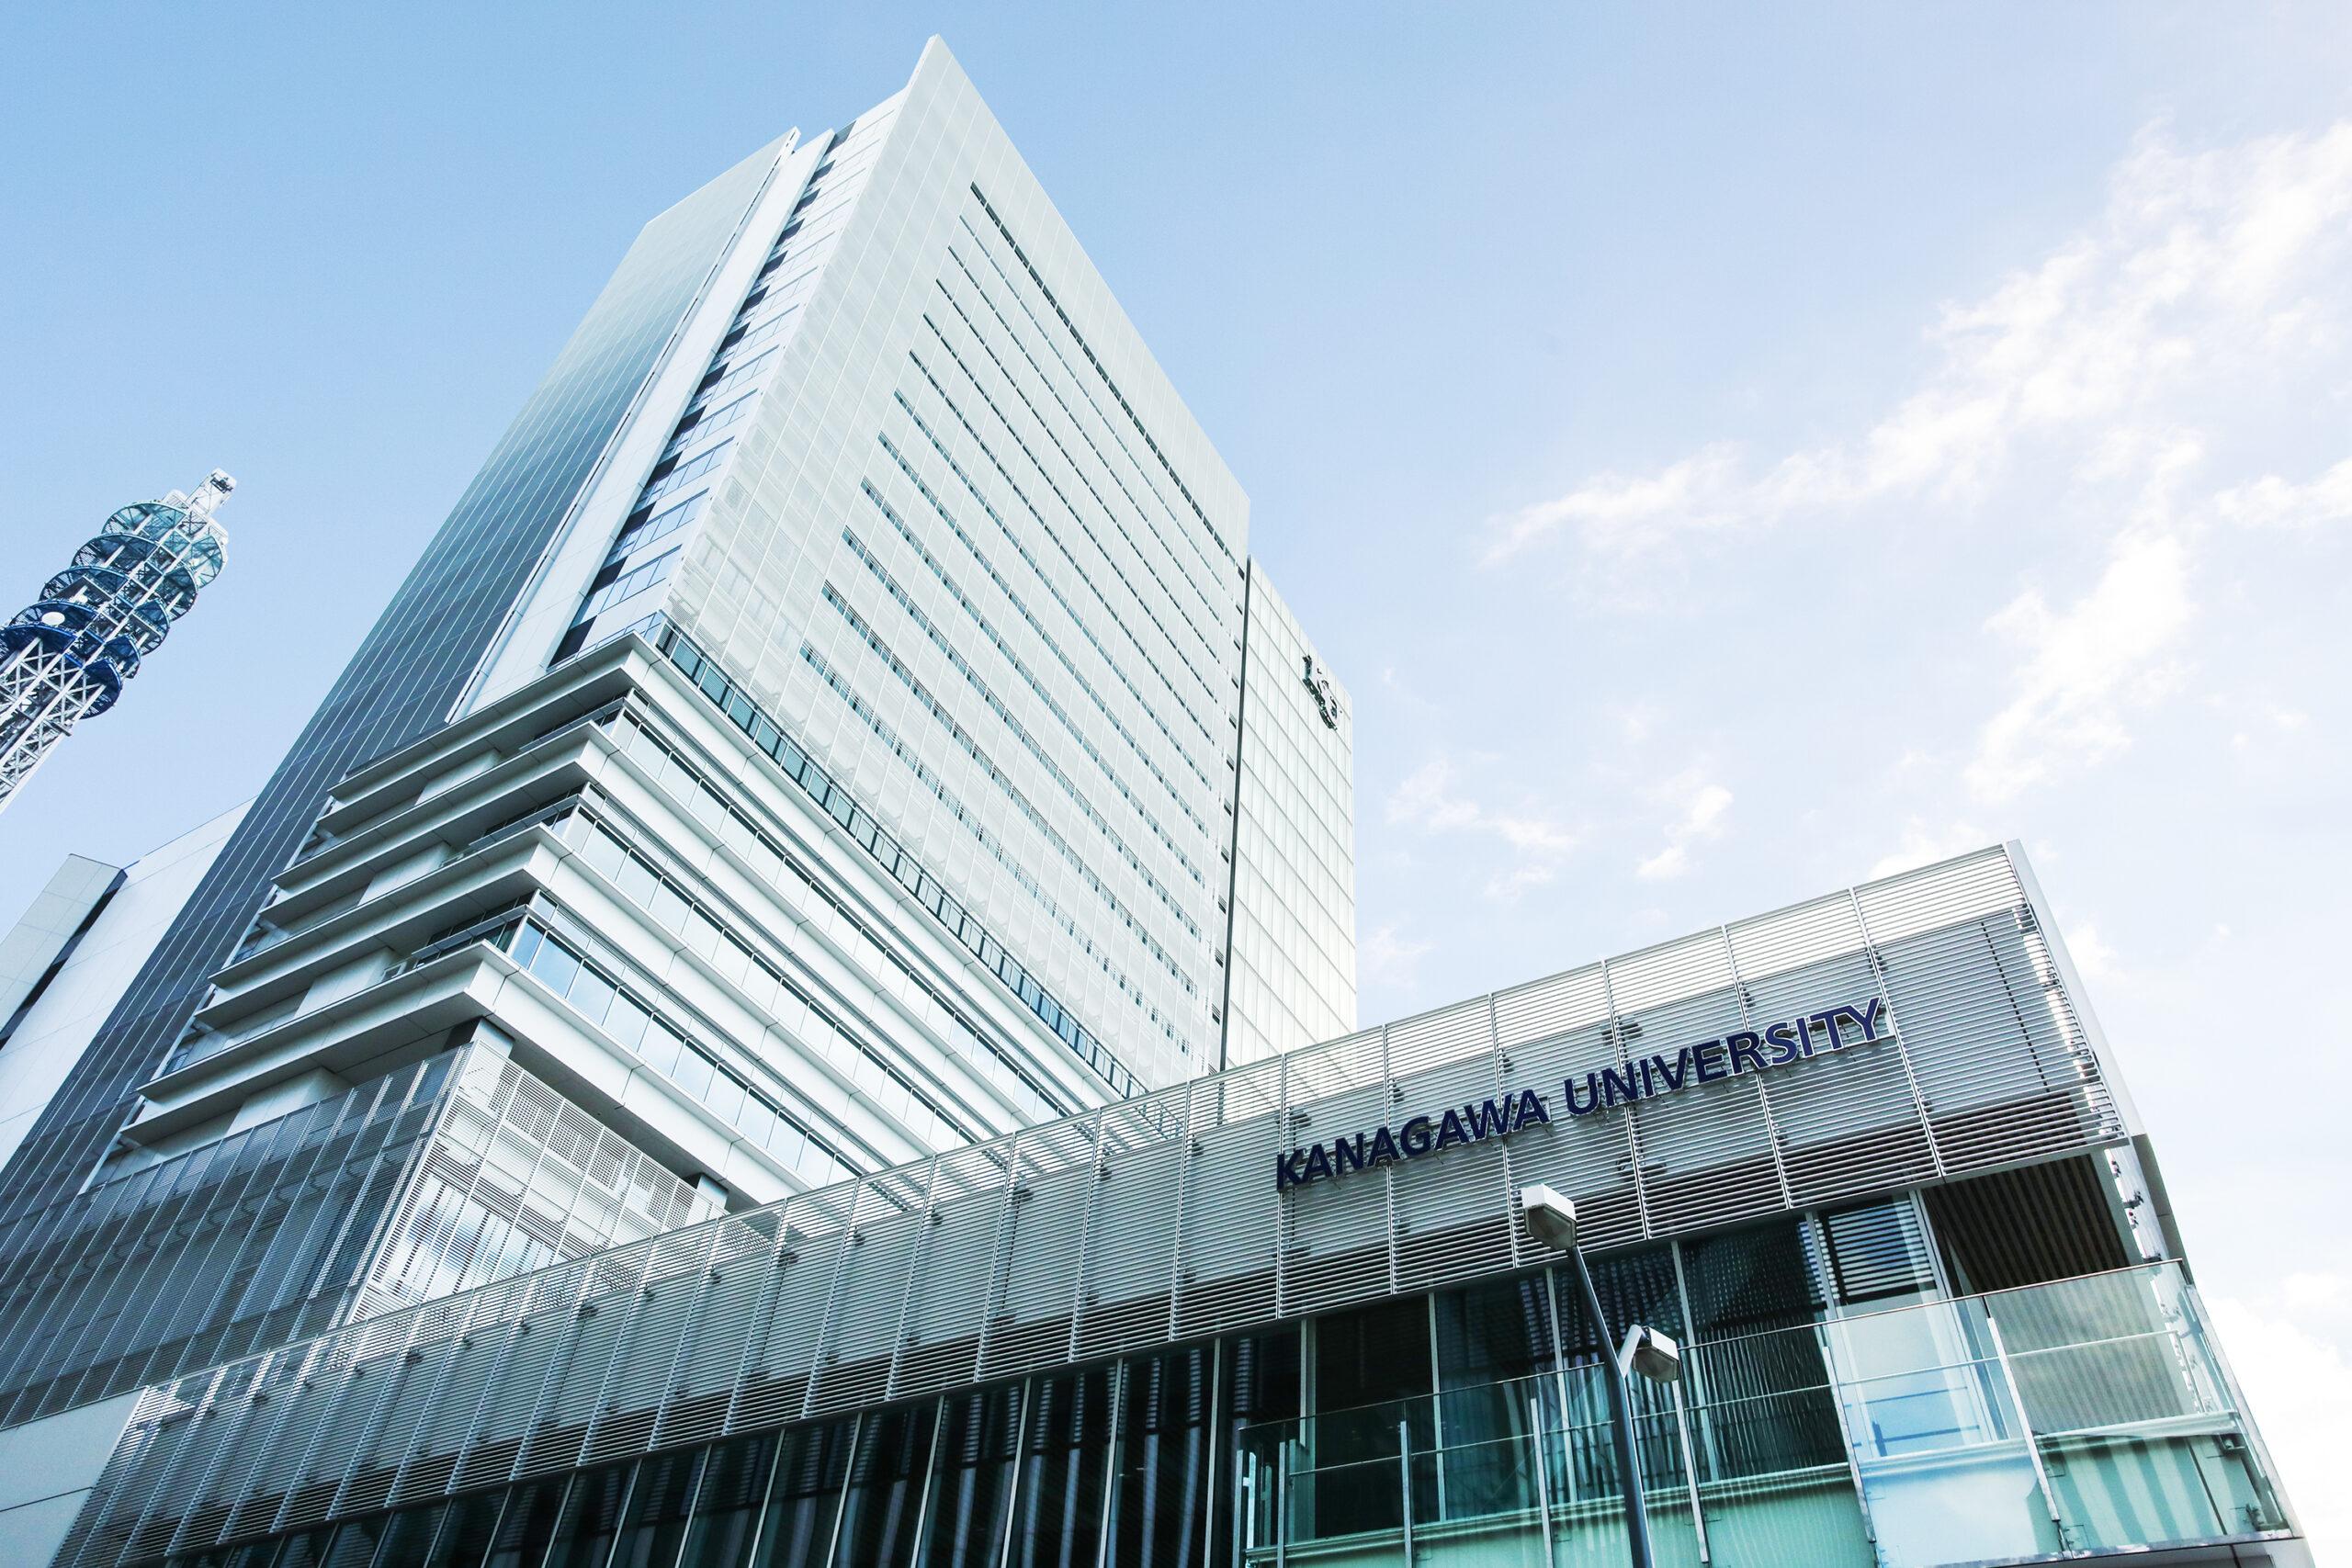 神奈川大がみなとみらいに新キャンパス、4月から5千人入学